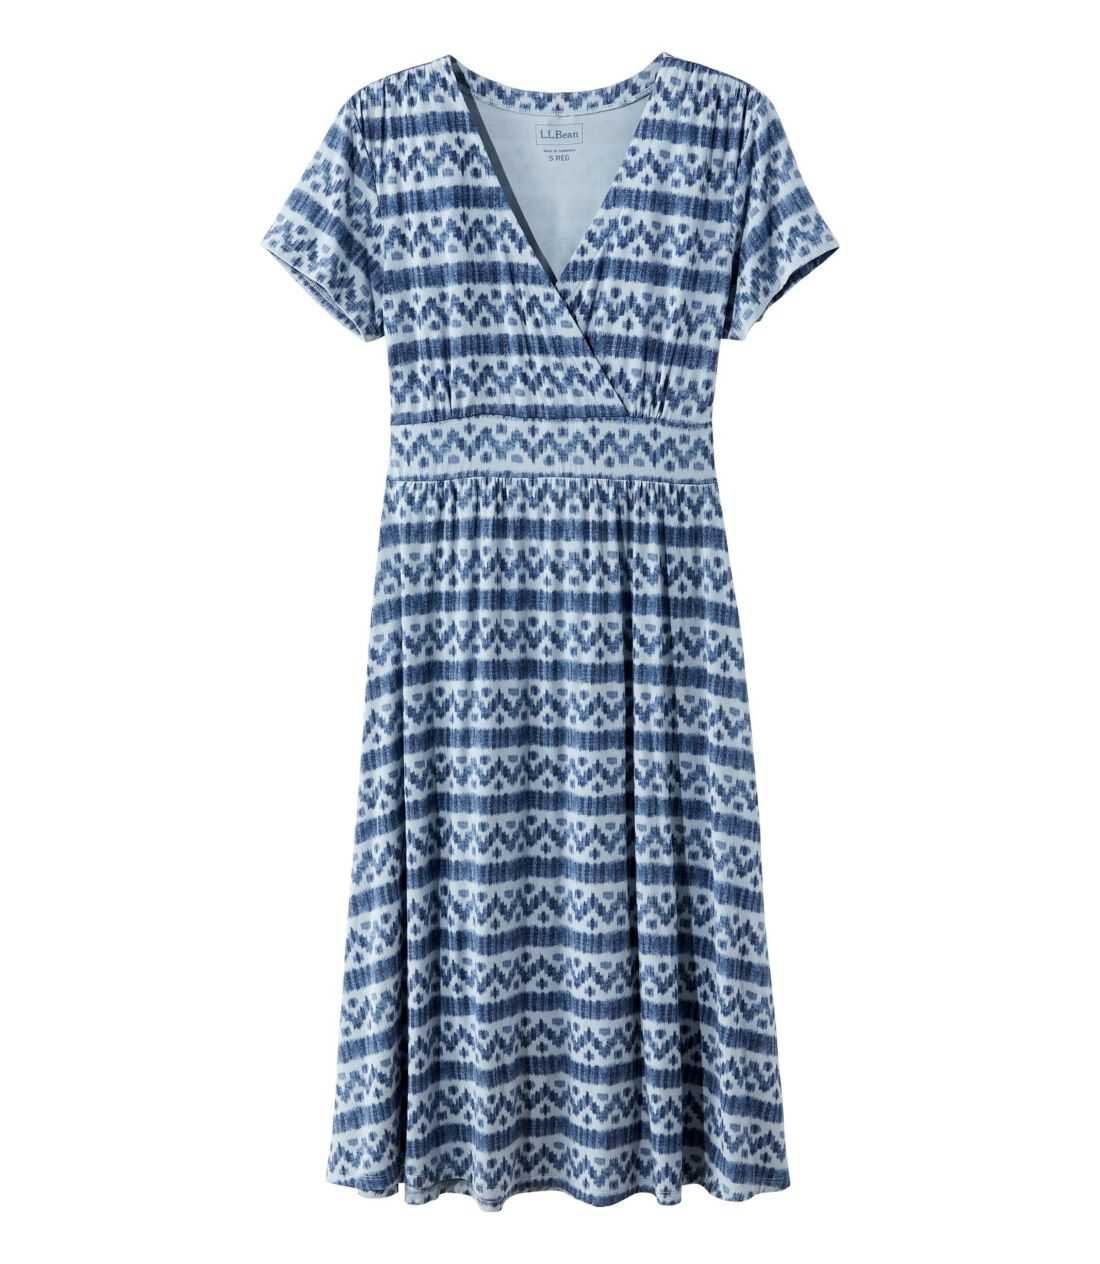 サマー・ニット・ドレス、半袖 イカット